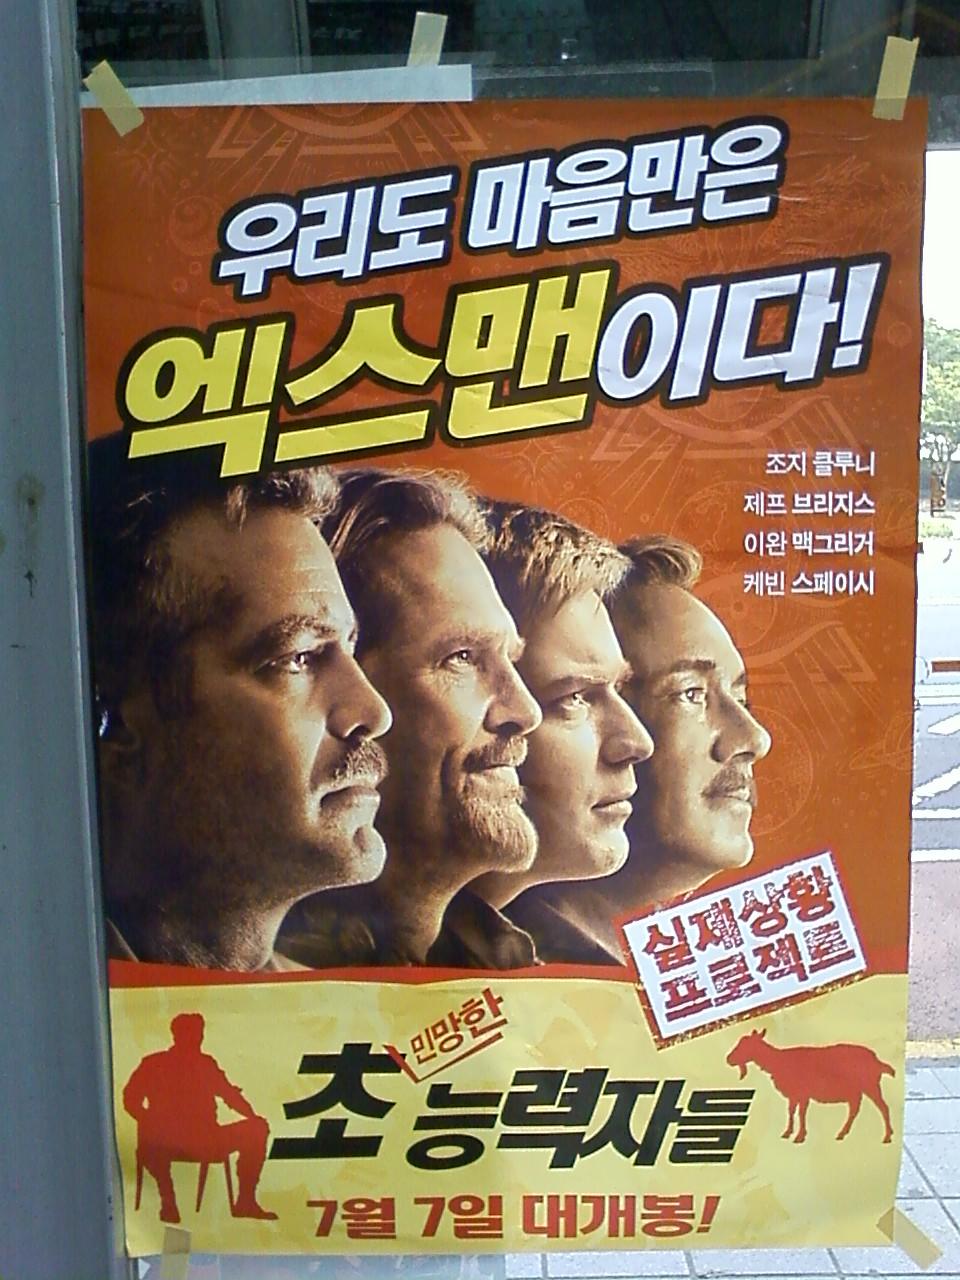 염소를 노려보던 그놈들이 한국에 왔다!